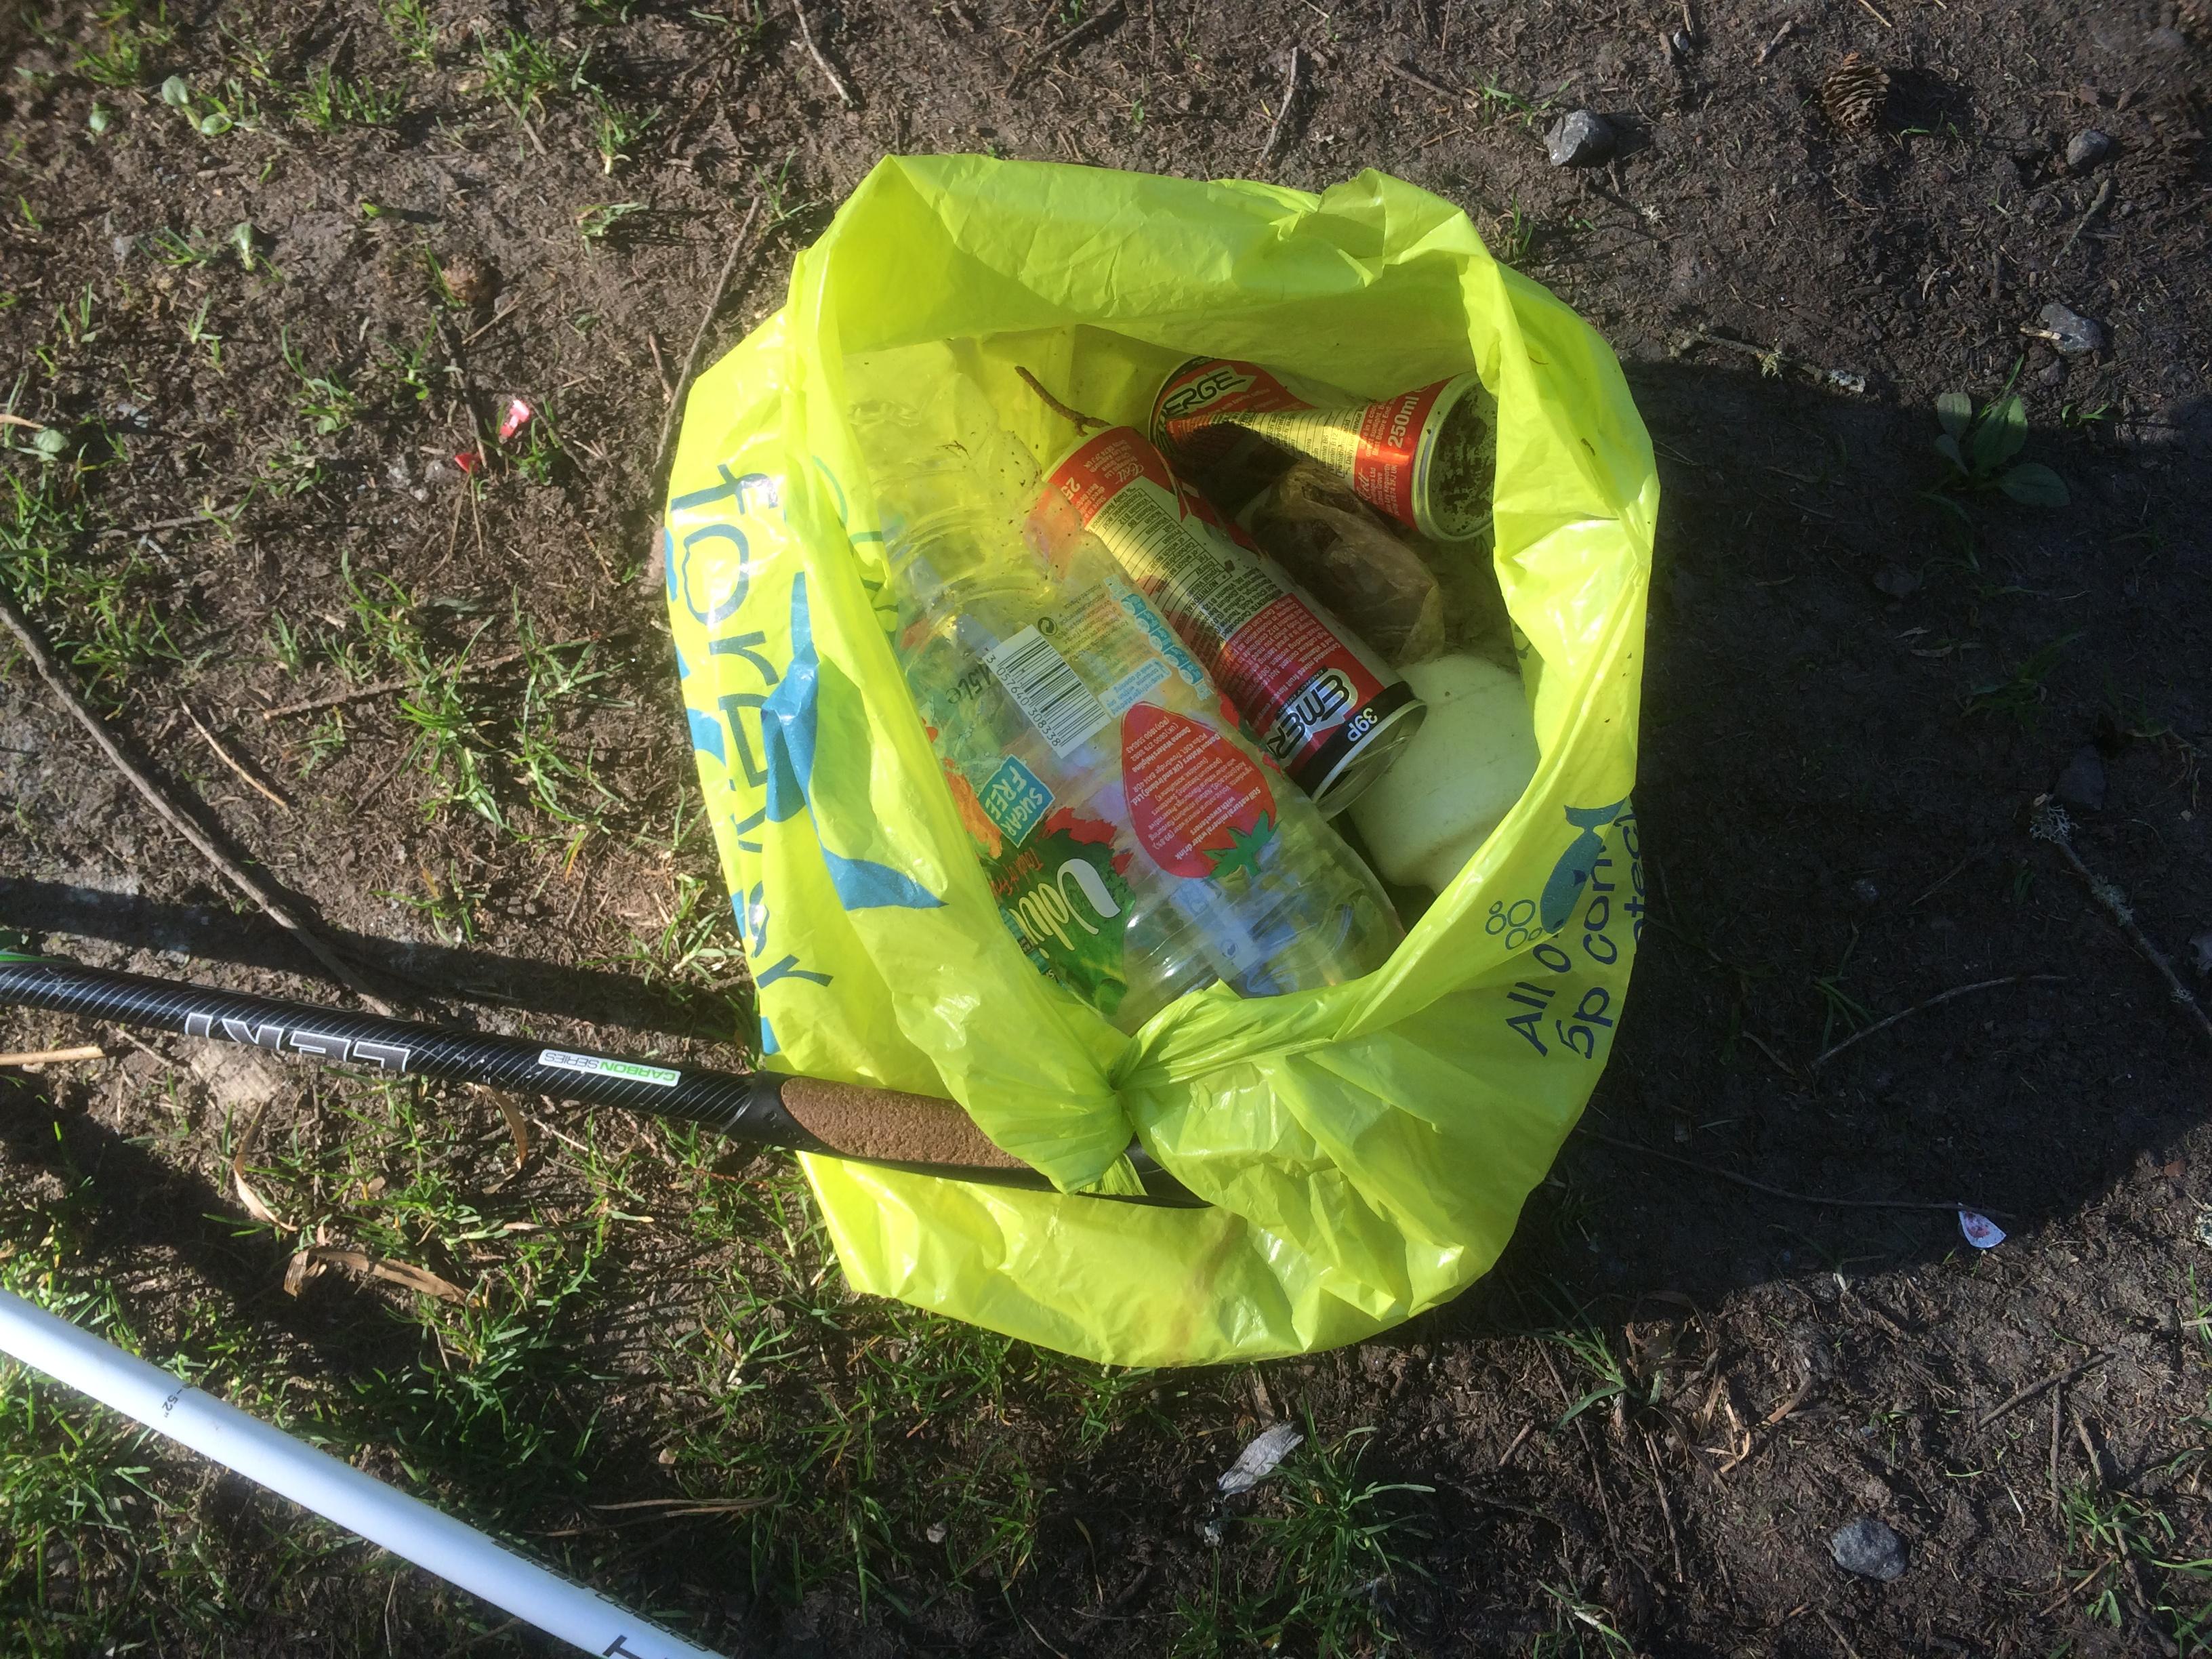 Sample of Rubbish Found on Bennachie